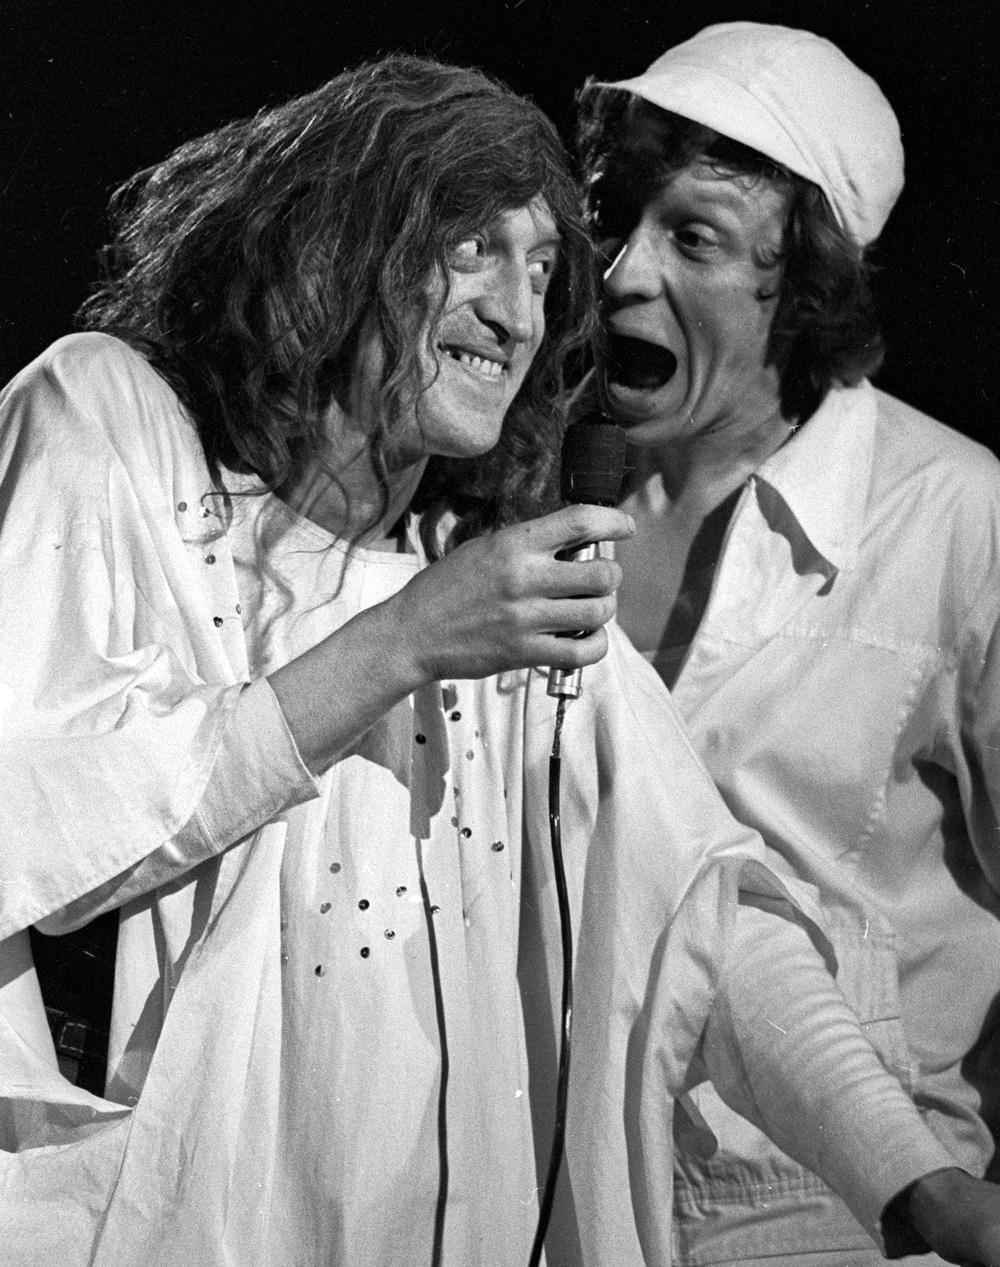 Актеры Виктор Авилов  и Алексей Ванин в спектакле «Театр Аллы Пугачевой», в театре на Юго-Западе. 1985 г.